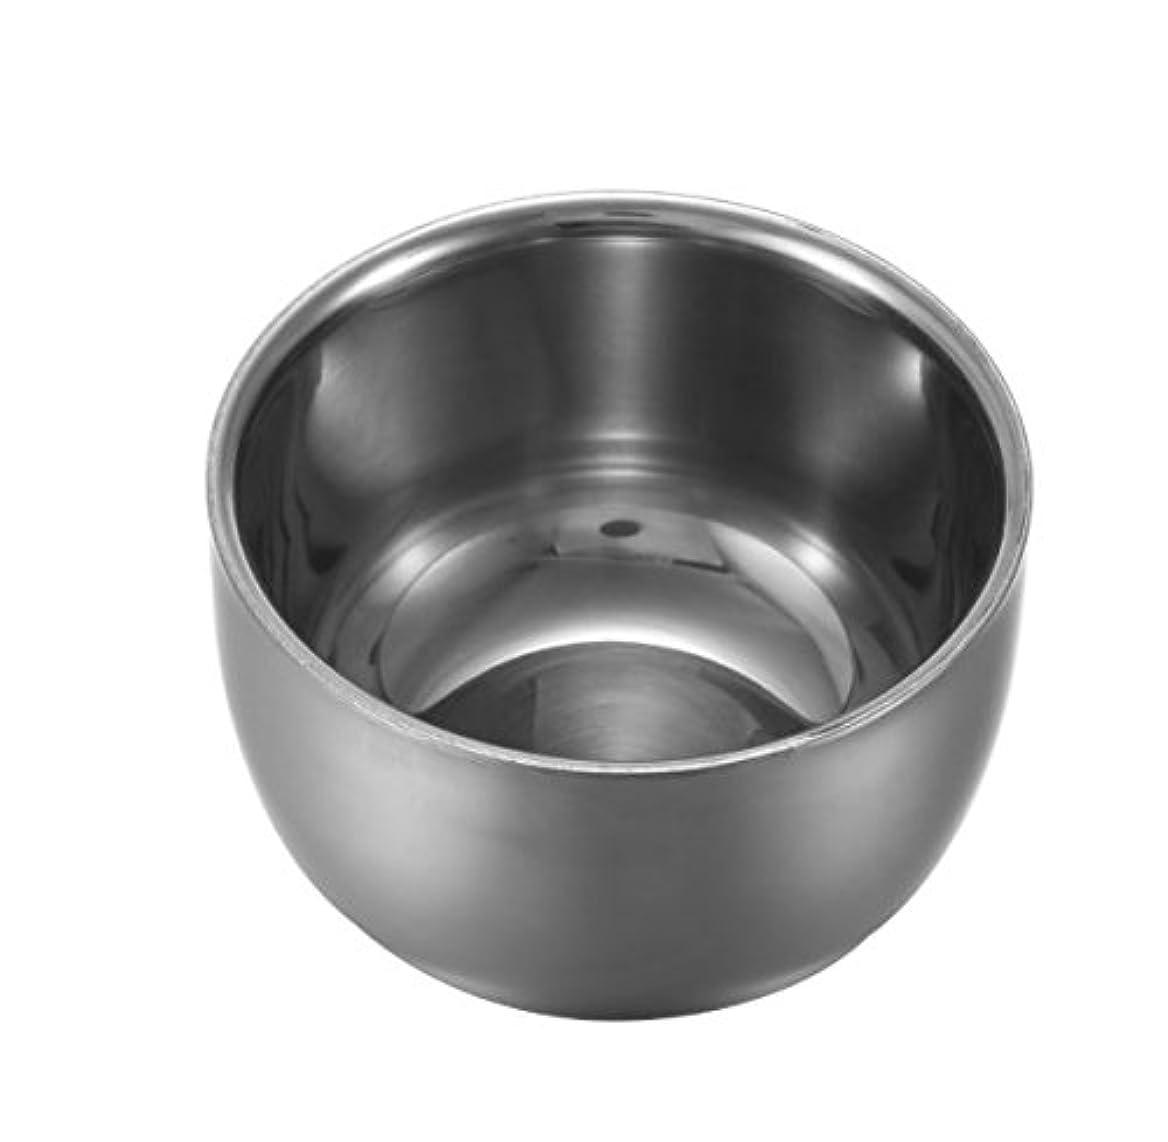 社説散髪悲しむ7.5cm Stainless Steel Shaving Bowl Barber Beard Razor Cup For Shave Brush Male Face Cleaning Soap Mug Tool